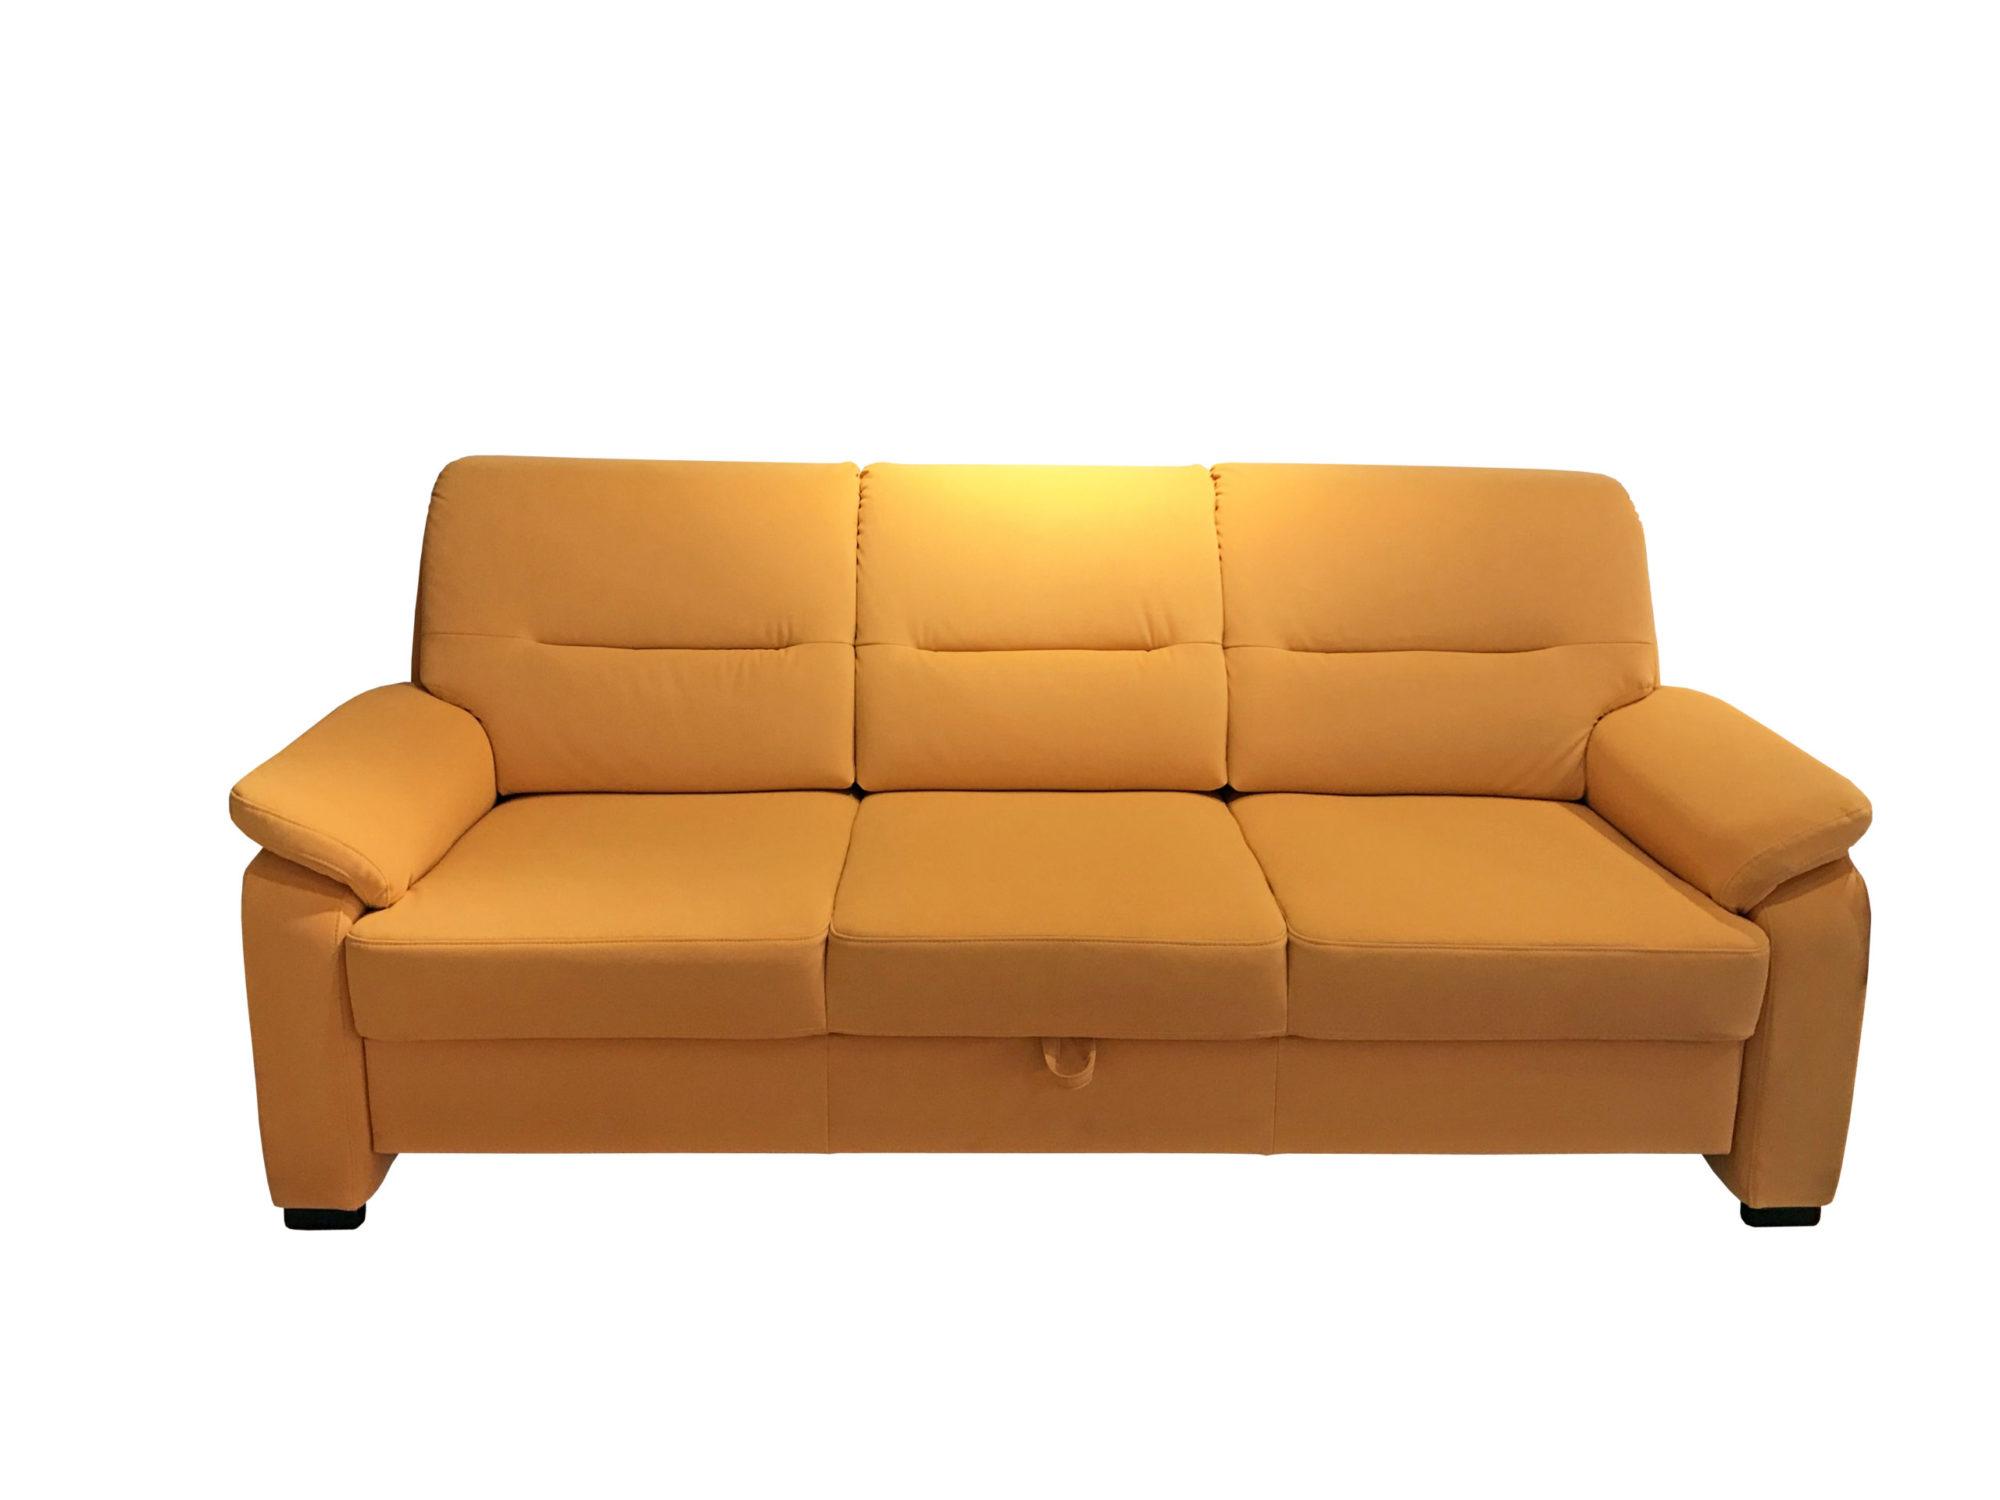 3-Sitzer Sofa mit leuchtend gelbem Stoffbezug im Abverkauf